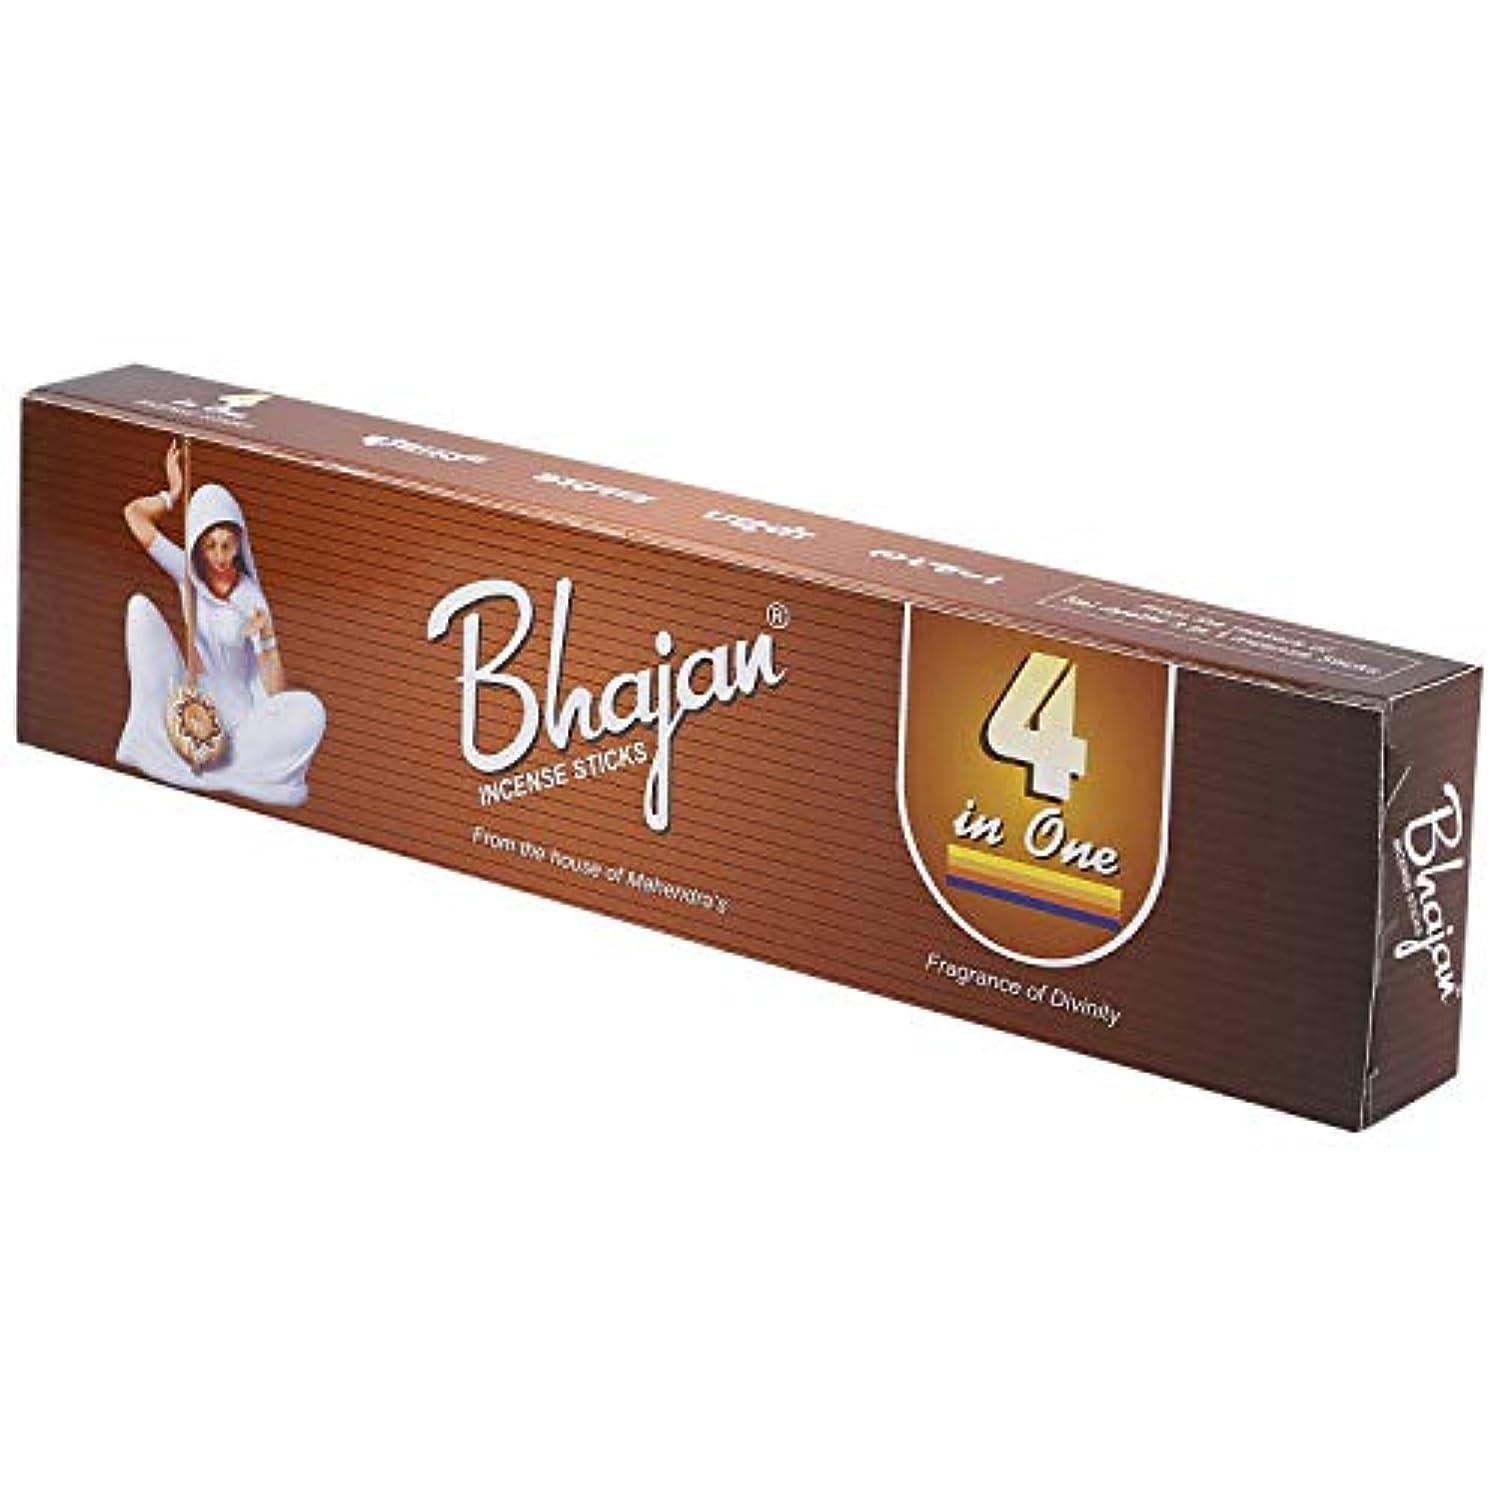 ロッカー料理聖歌Mahendra's Bhajan 100 (4in1) Incense Sticks - 4 Box Combo with Free Perfume Bag